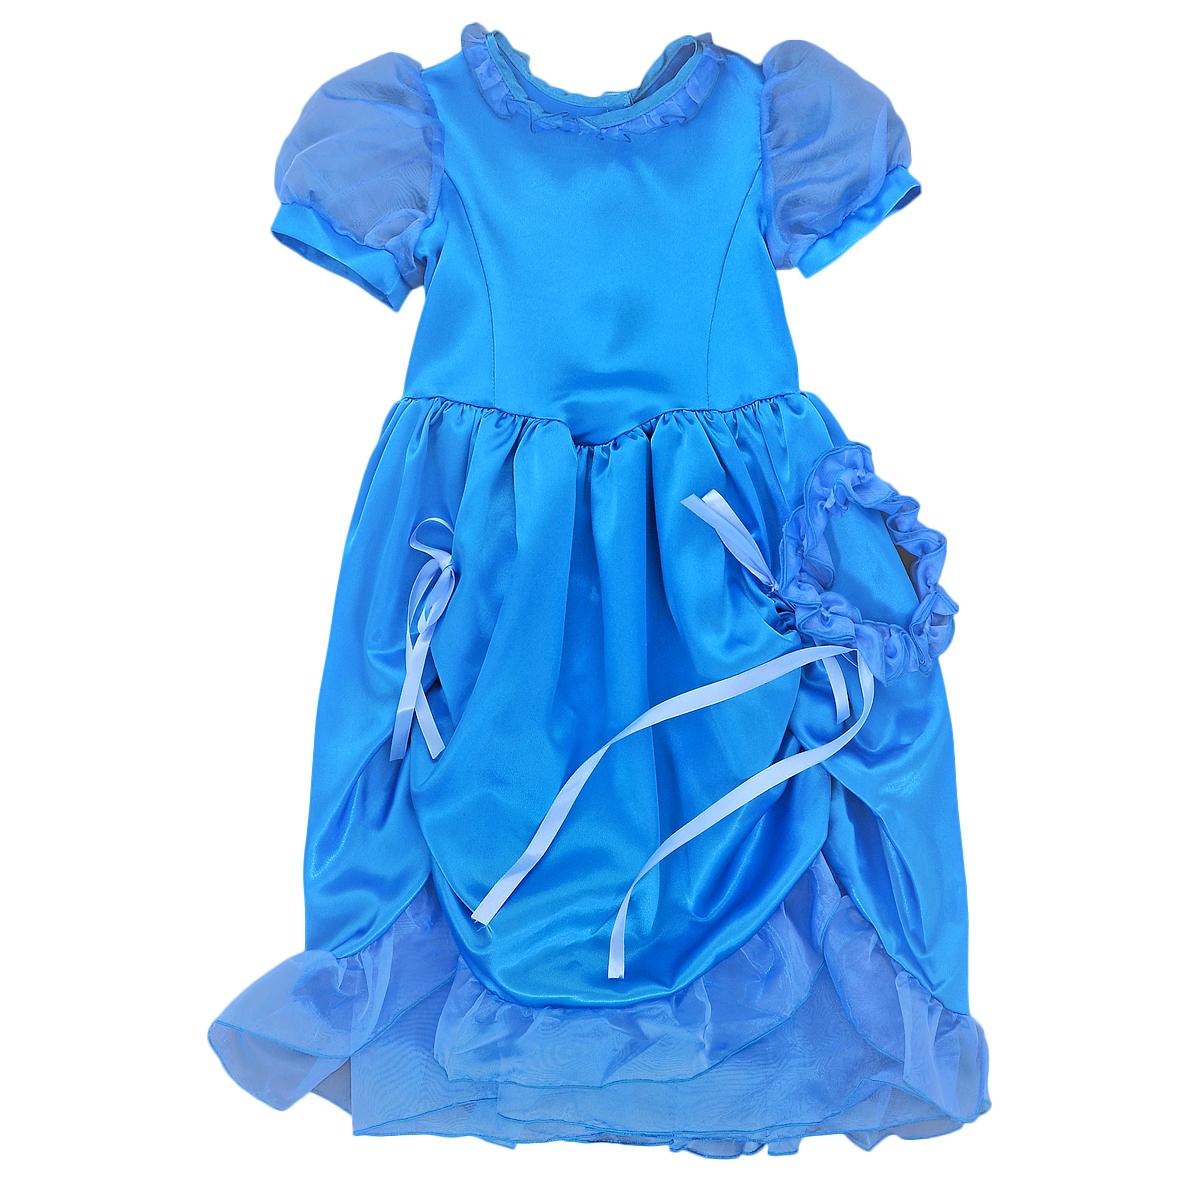 Карнавальный костюм для девочки Вестифика Мальвина, цвет: голубой. 102 016. Размер 110/122102 016Яркий детский карнавальный костюм Мальвина позволит вашей малышке быть самой красивой девочкой на детском утреннике, бале-маскараде или карнавале. Костюм состоит из платья и повязки на голову. Шикарное платье с рукавами-фонарикам, выполненное из атласного материала, на спинке застегивается на липучки. Рукава изготовлены из легкой полупрозрачной органзы. Спереди юбка платья присборена на эластичные резинки и декорирована очаровательными атласными бантиками, а понизу оформлена широким воланом. Дополнит образ прекрасной Мальвины эластичная повязка на голову, выполненная из органзы и декорированная тонкой атласной лентой-бантиком. Такой карнавальный костюм привлечет внимание друзей вашего ребенка и подчеркнет его индивидуальность. Веселое настроение и масса положительных эмоций будут обеспечены!